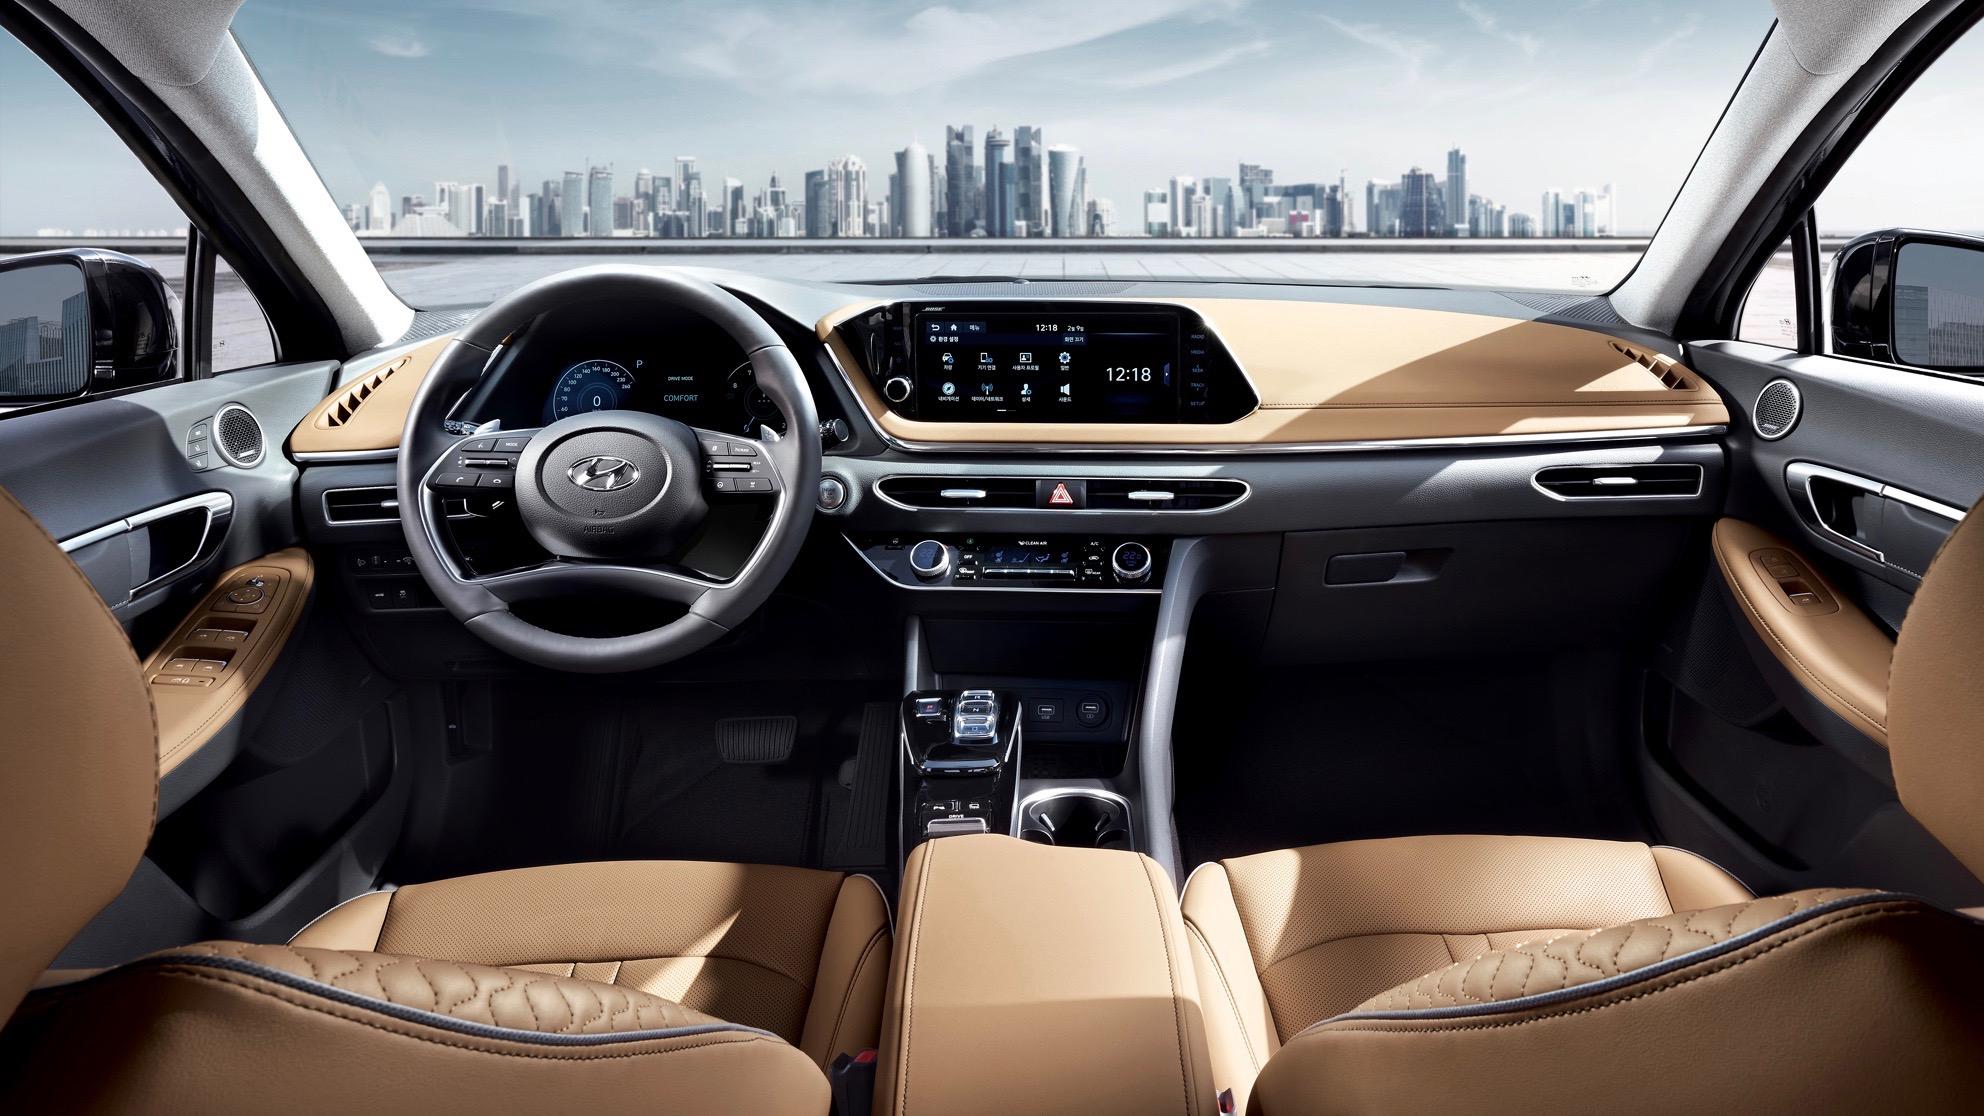 La cabina del Hyundai Sonata 2020 luce espaciosa, y parece haber tomado claves de los diseños de Genesis, la marca de vehículos de lujo de Hyundai. El fabricante nos dice que el panel frontal está inspirado en un avión de combate 'Stealth'